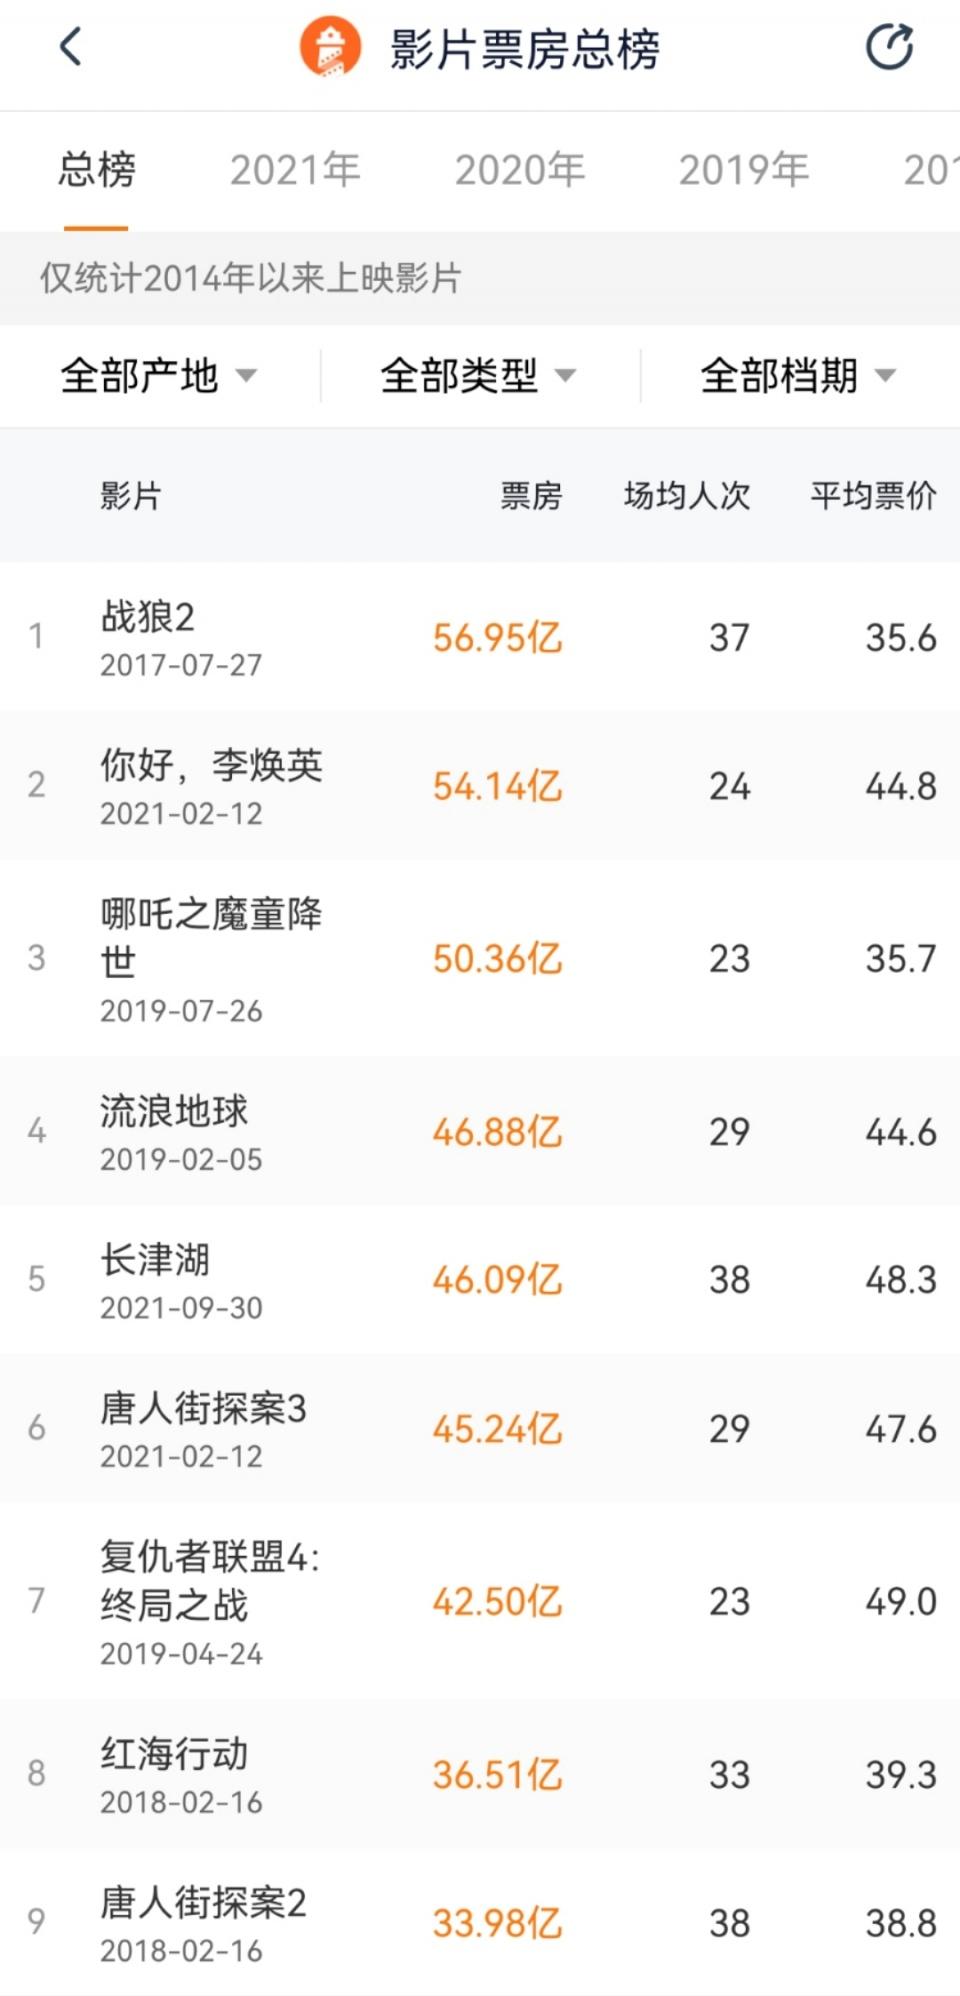 超《唐人街探案3》,《长津湖》位列中国影史票房榜第5位